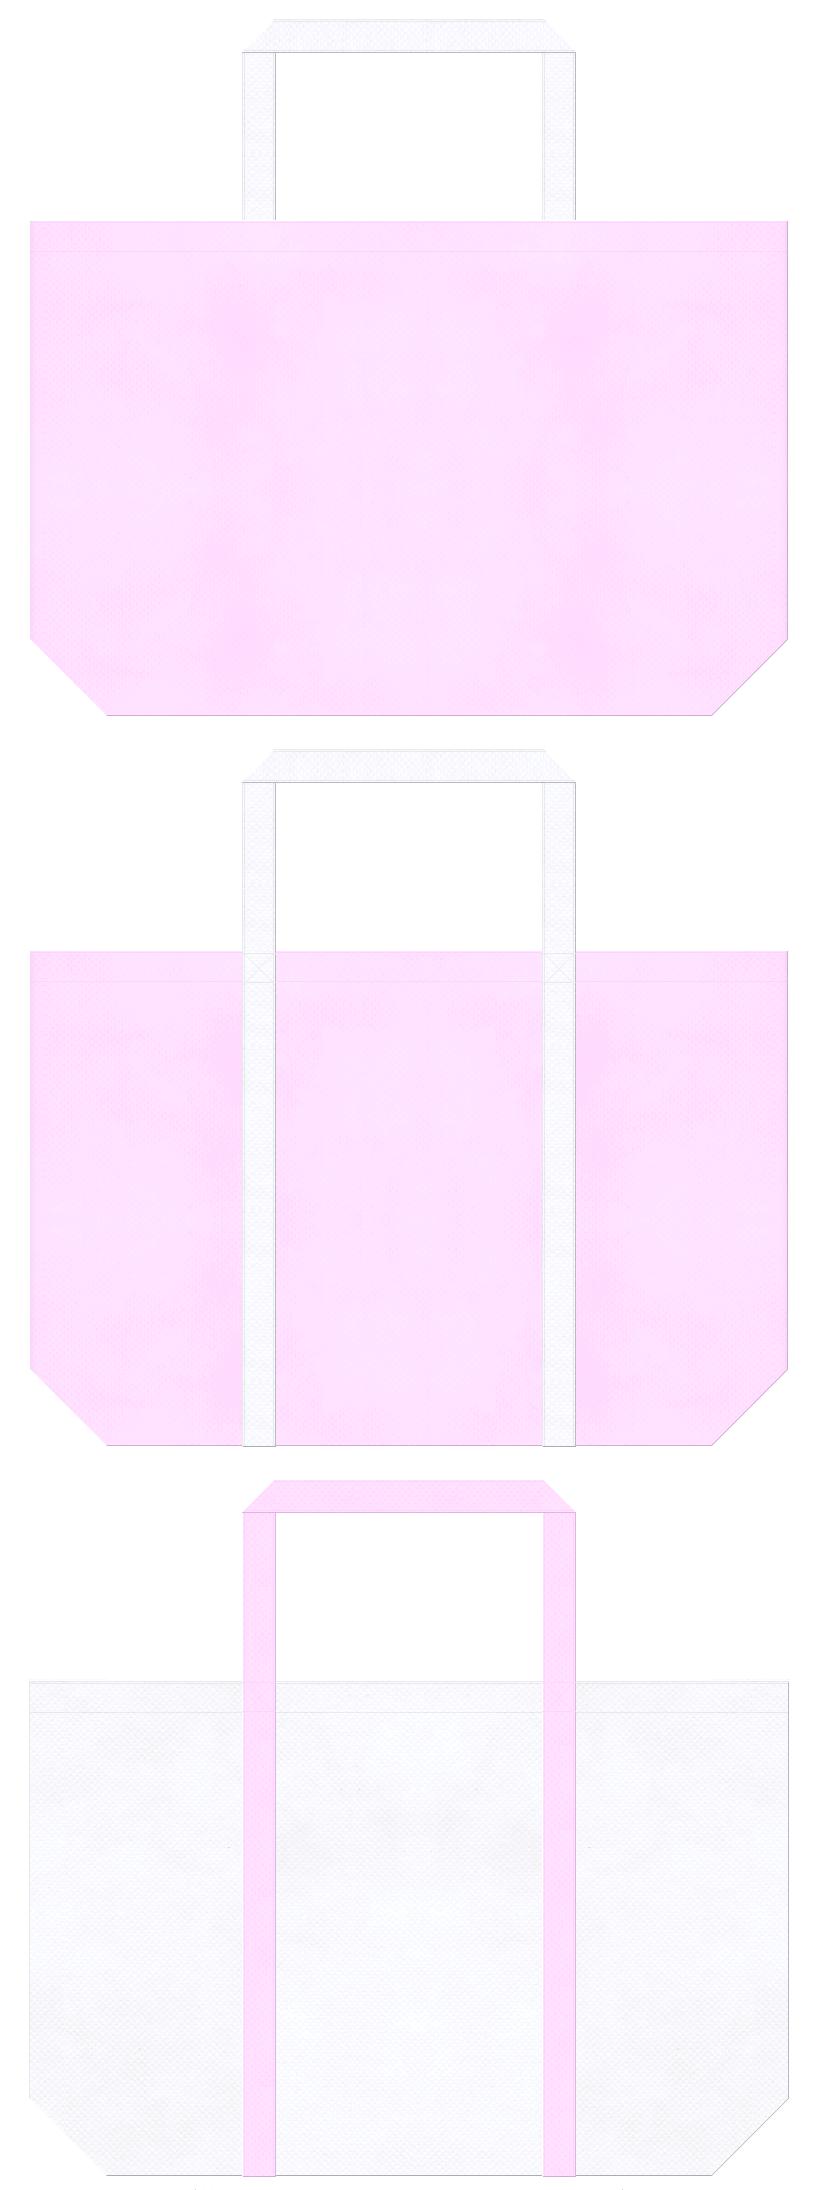 明るいピンク色と白色の不織布バッグデザイン:医療ユニフォームのショッピングバッグにお奨めです。